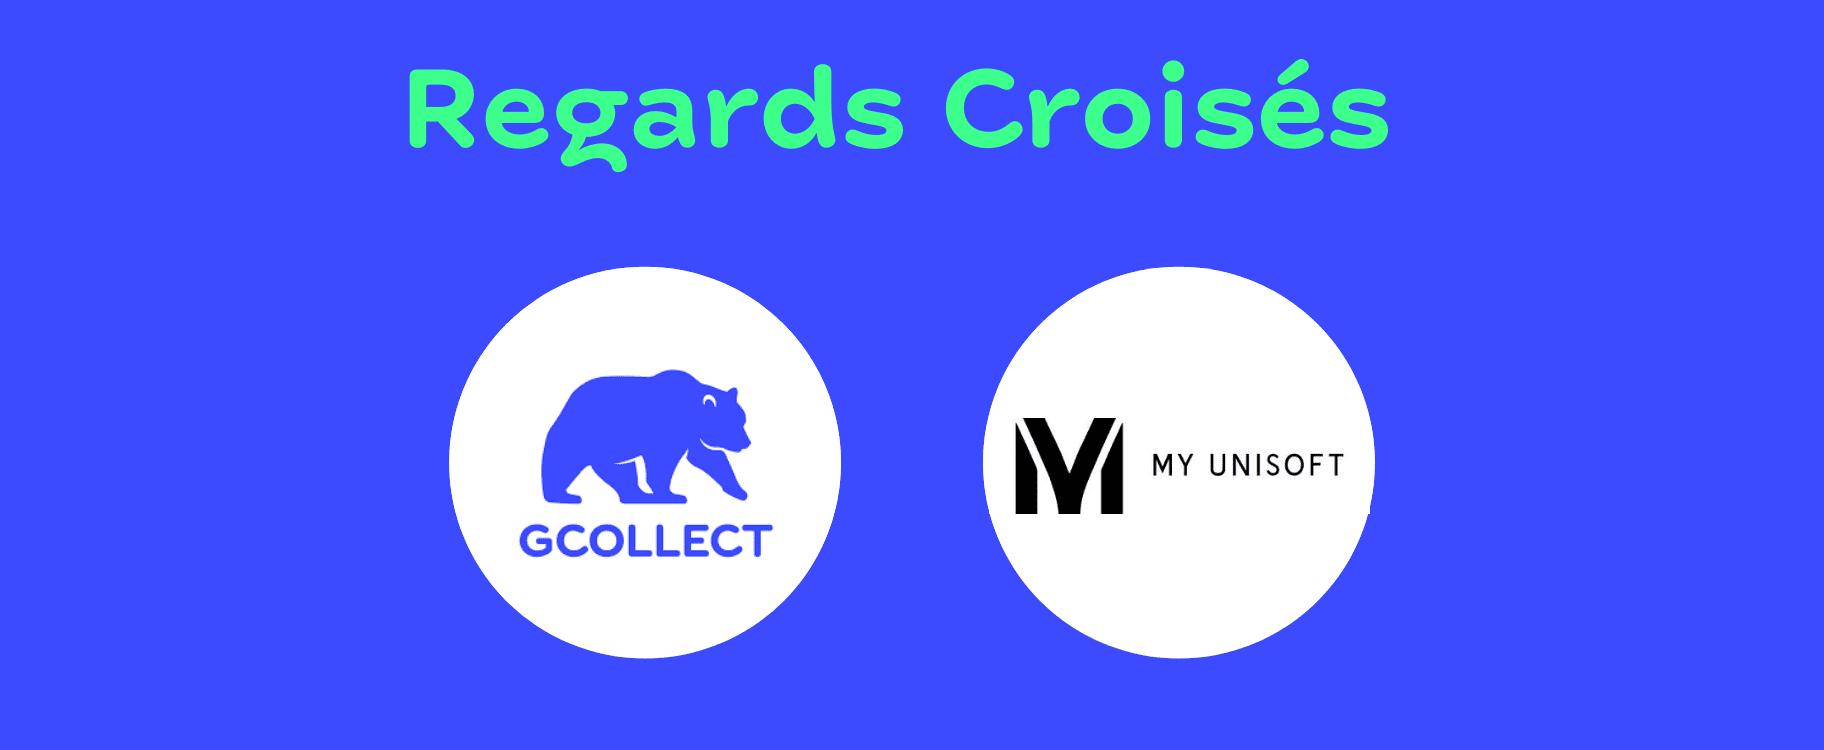 Regards Croisés Gcollect My Unisoft - 100% transparence - recouvrement et comptabilité